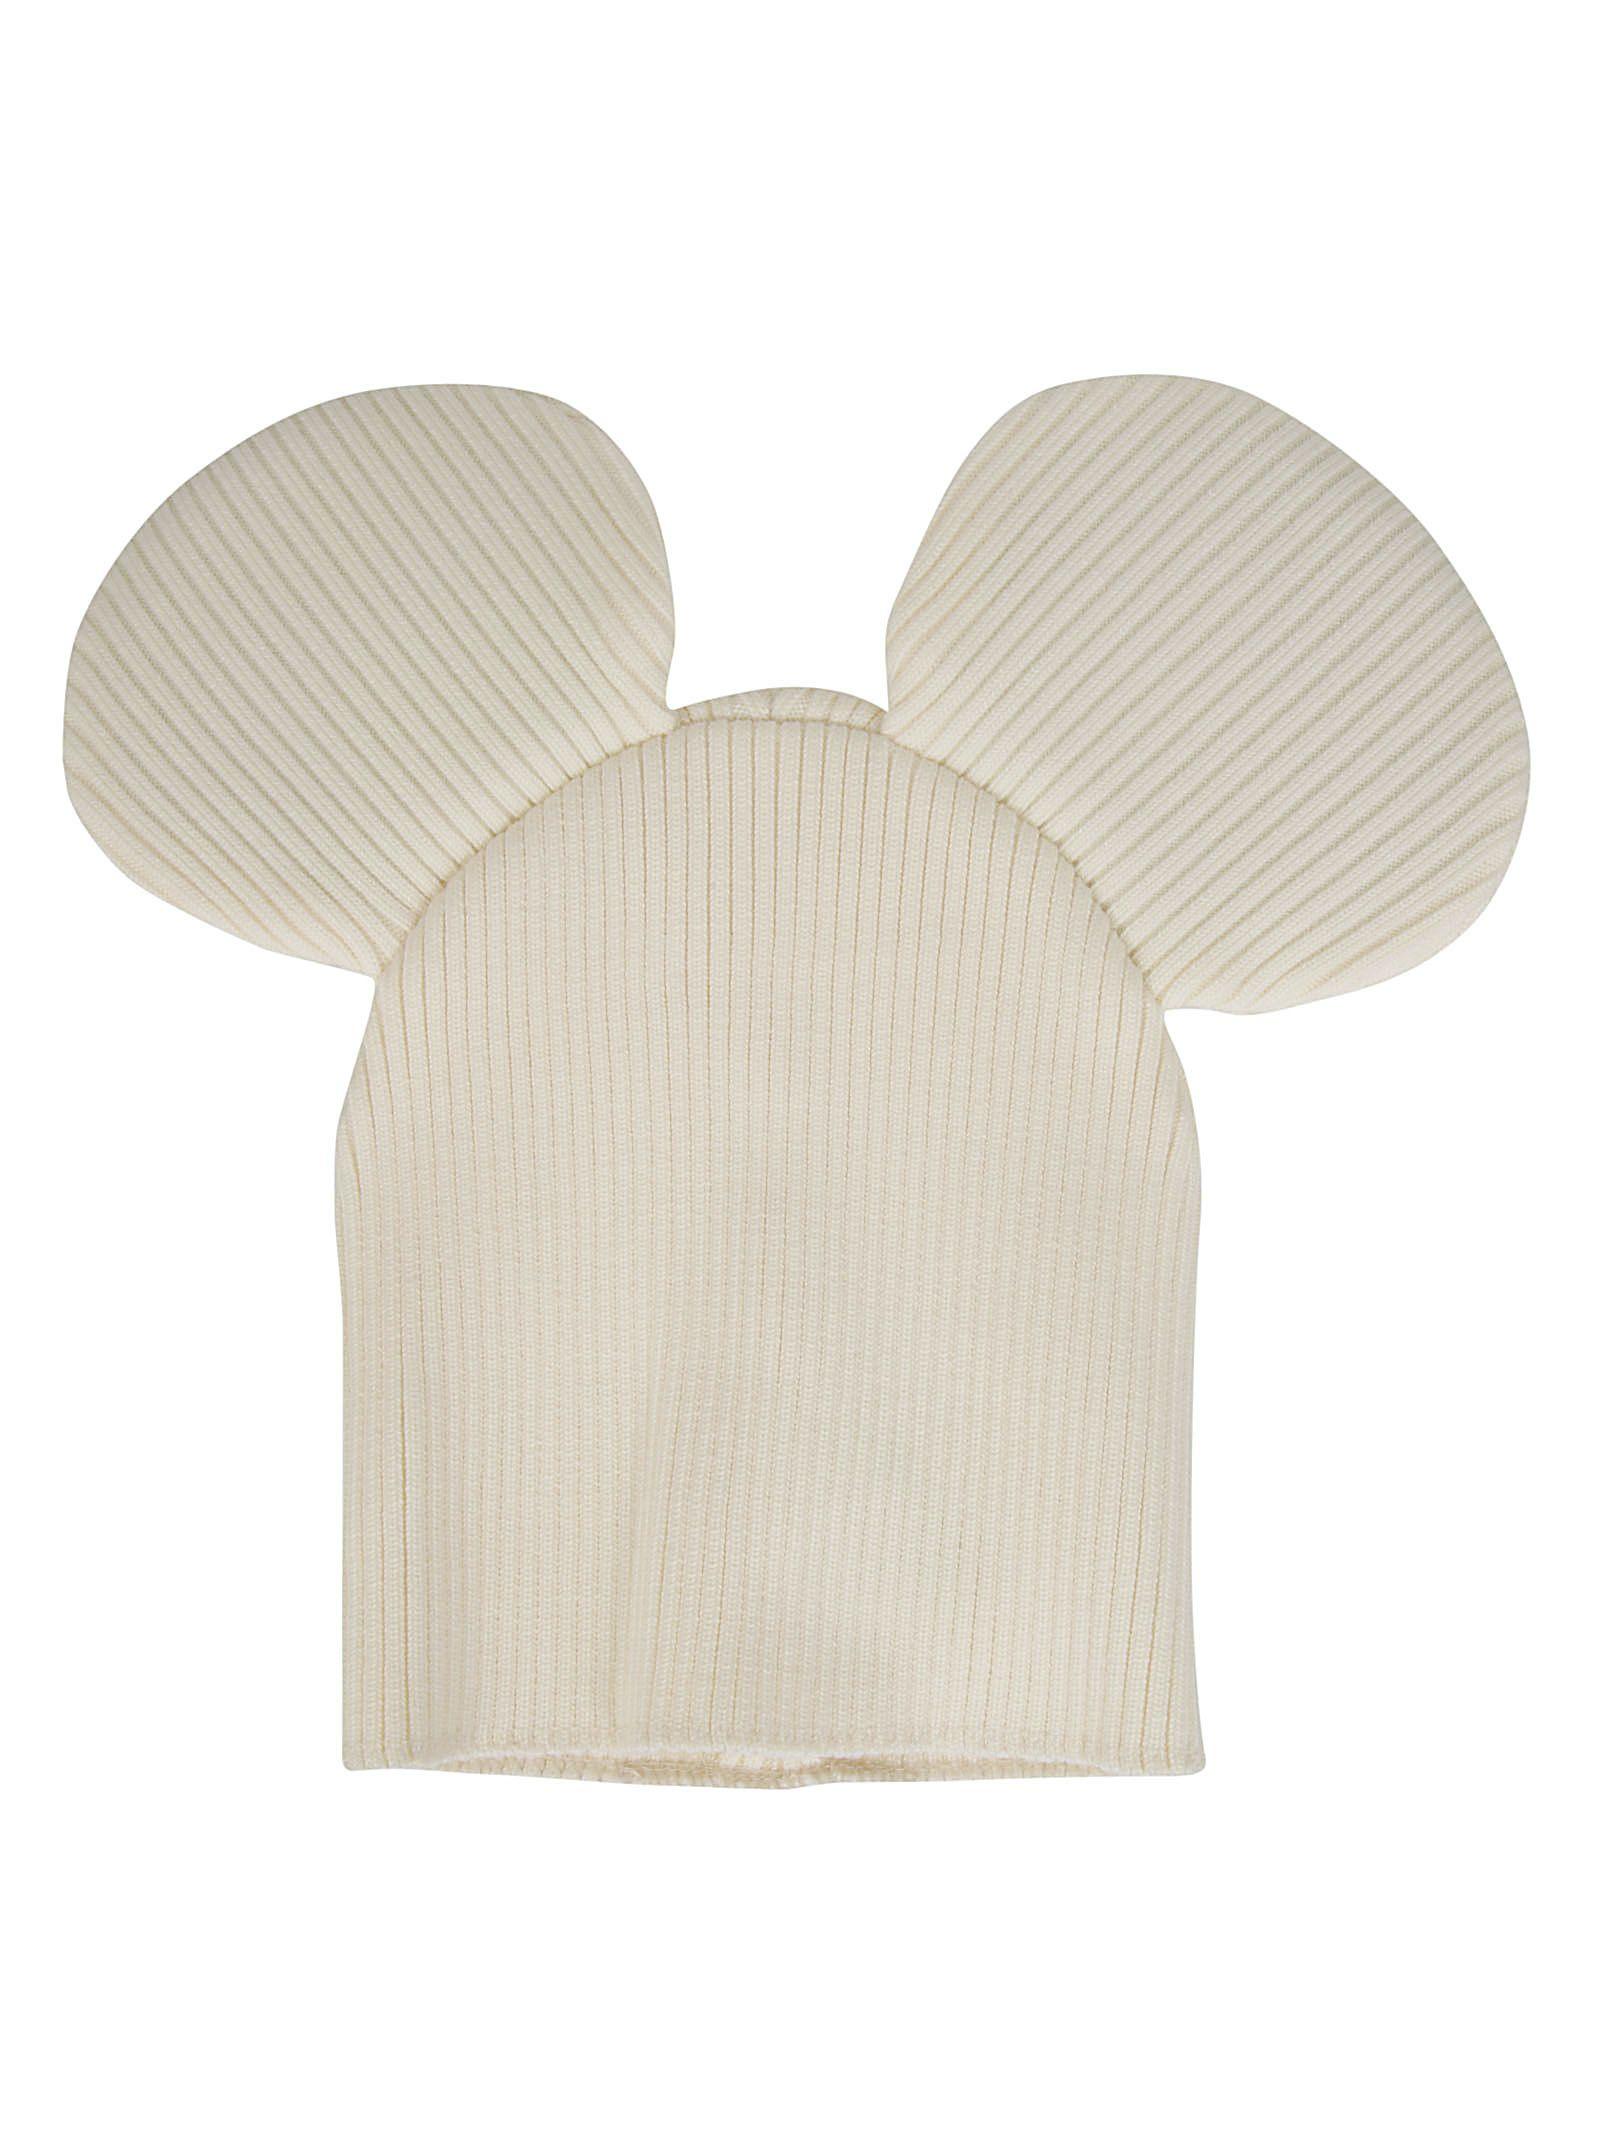 COMME DES GARÇONS BOYS Comme Des Garçons Boys Mouse Ears Beanie in Off White